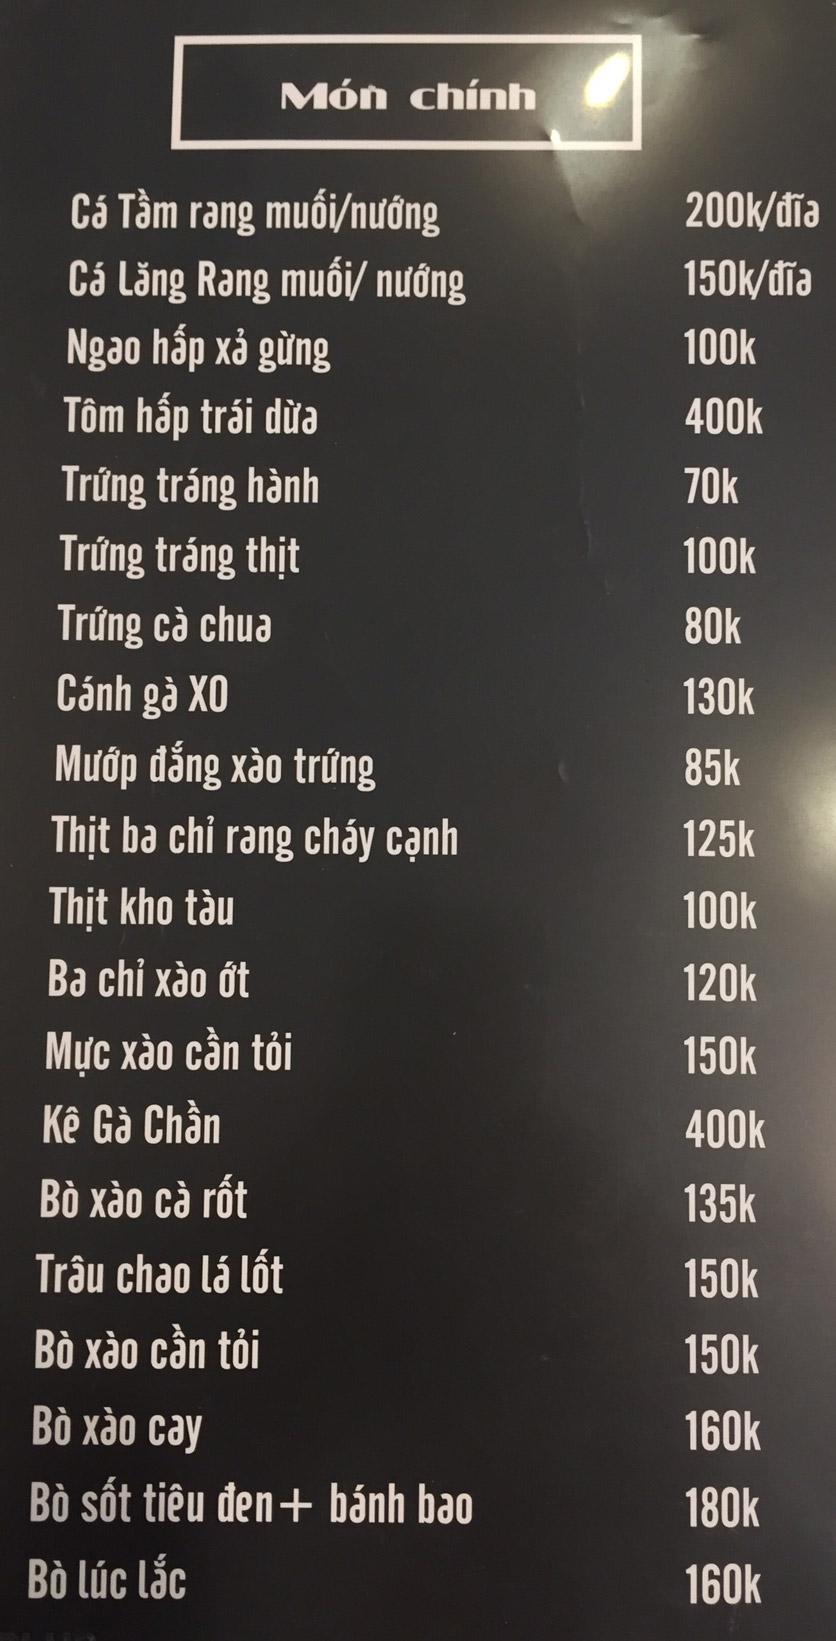 Menu Lam Huyền - Đặc sản lẩu hơi nồi đá - Hoàng Quốc Việt  7